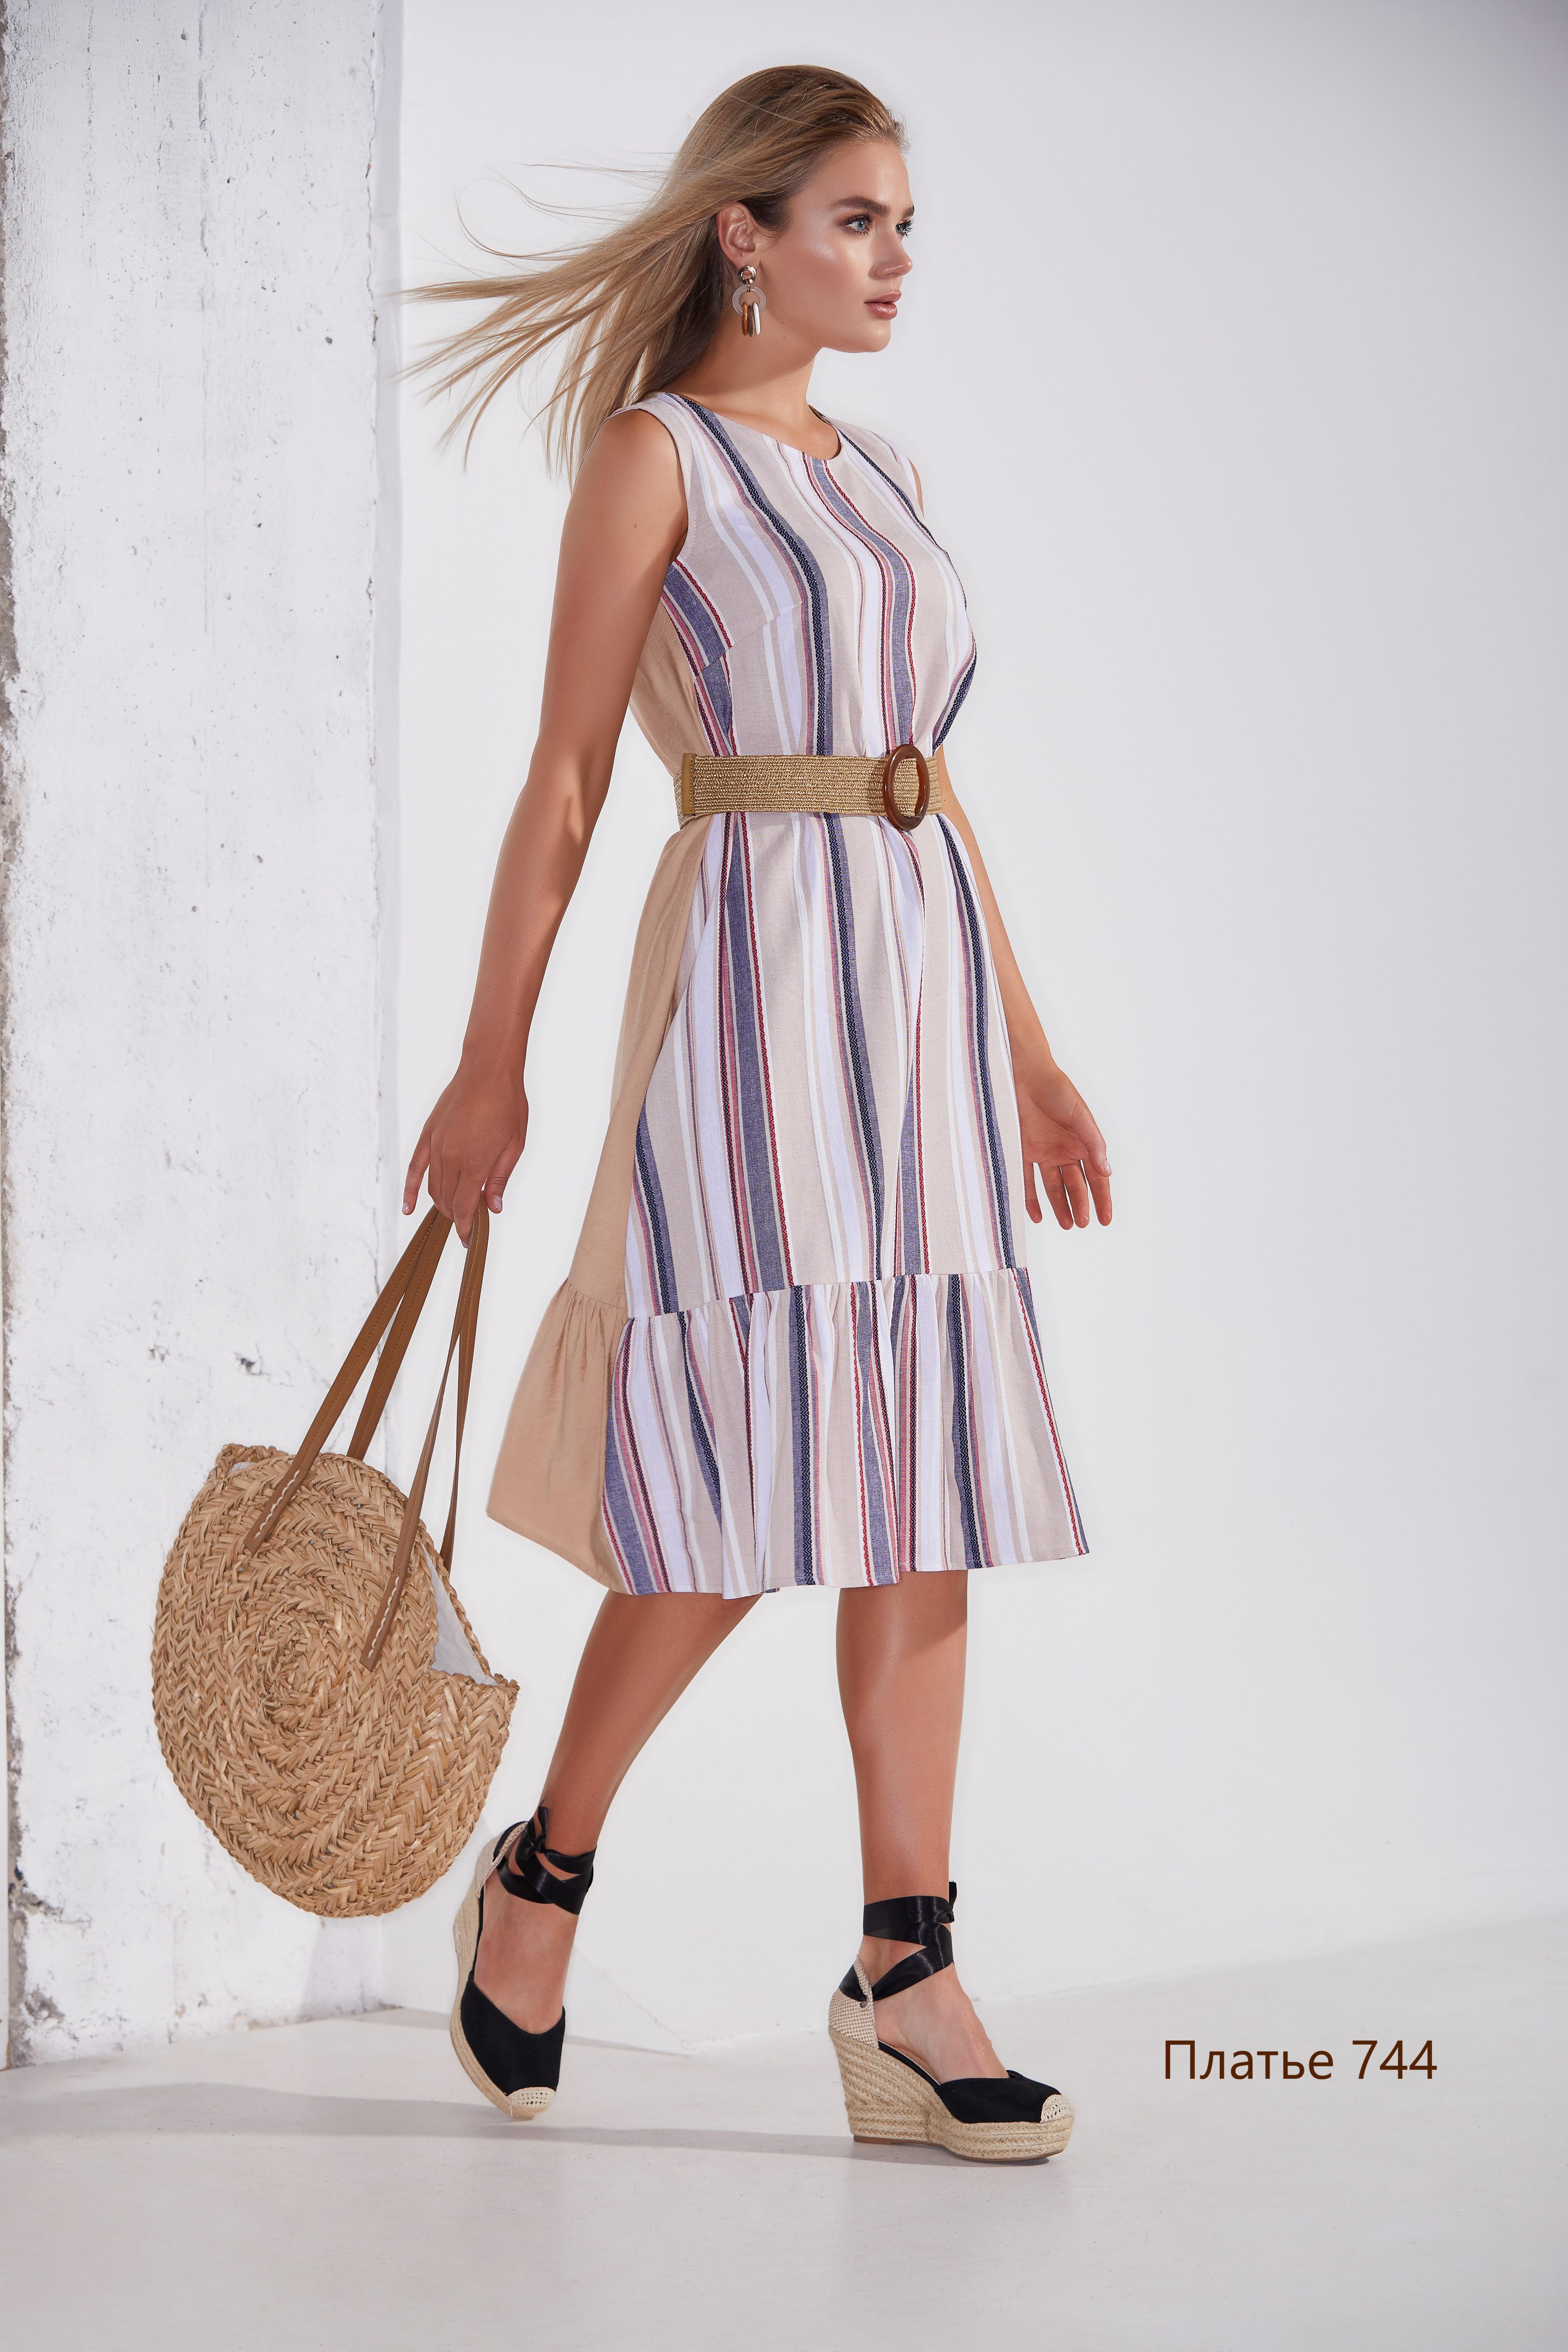 Платье 744 (1)